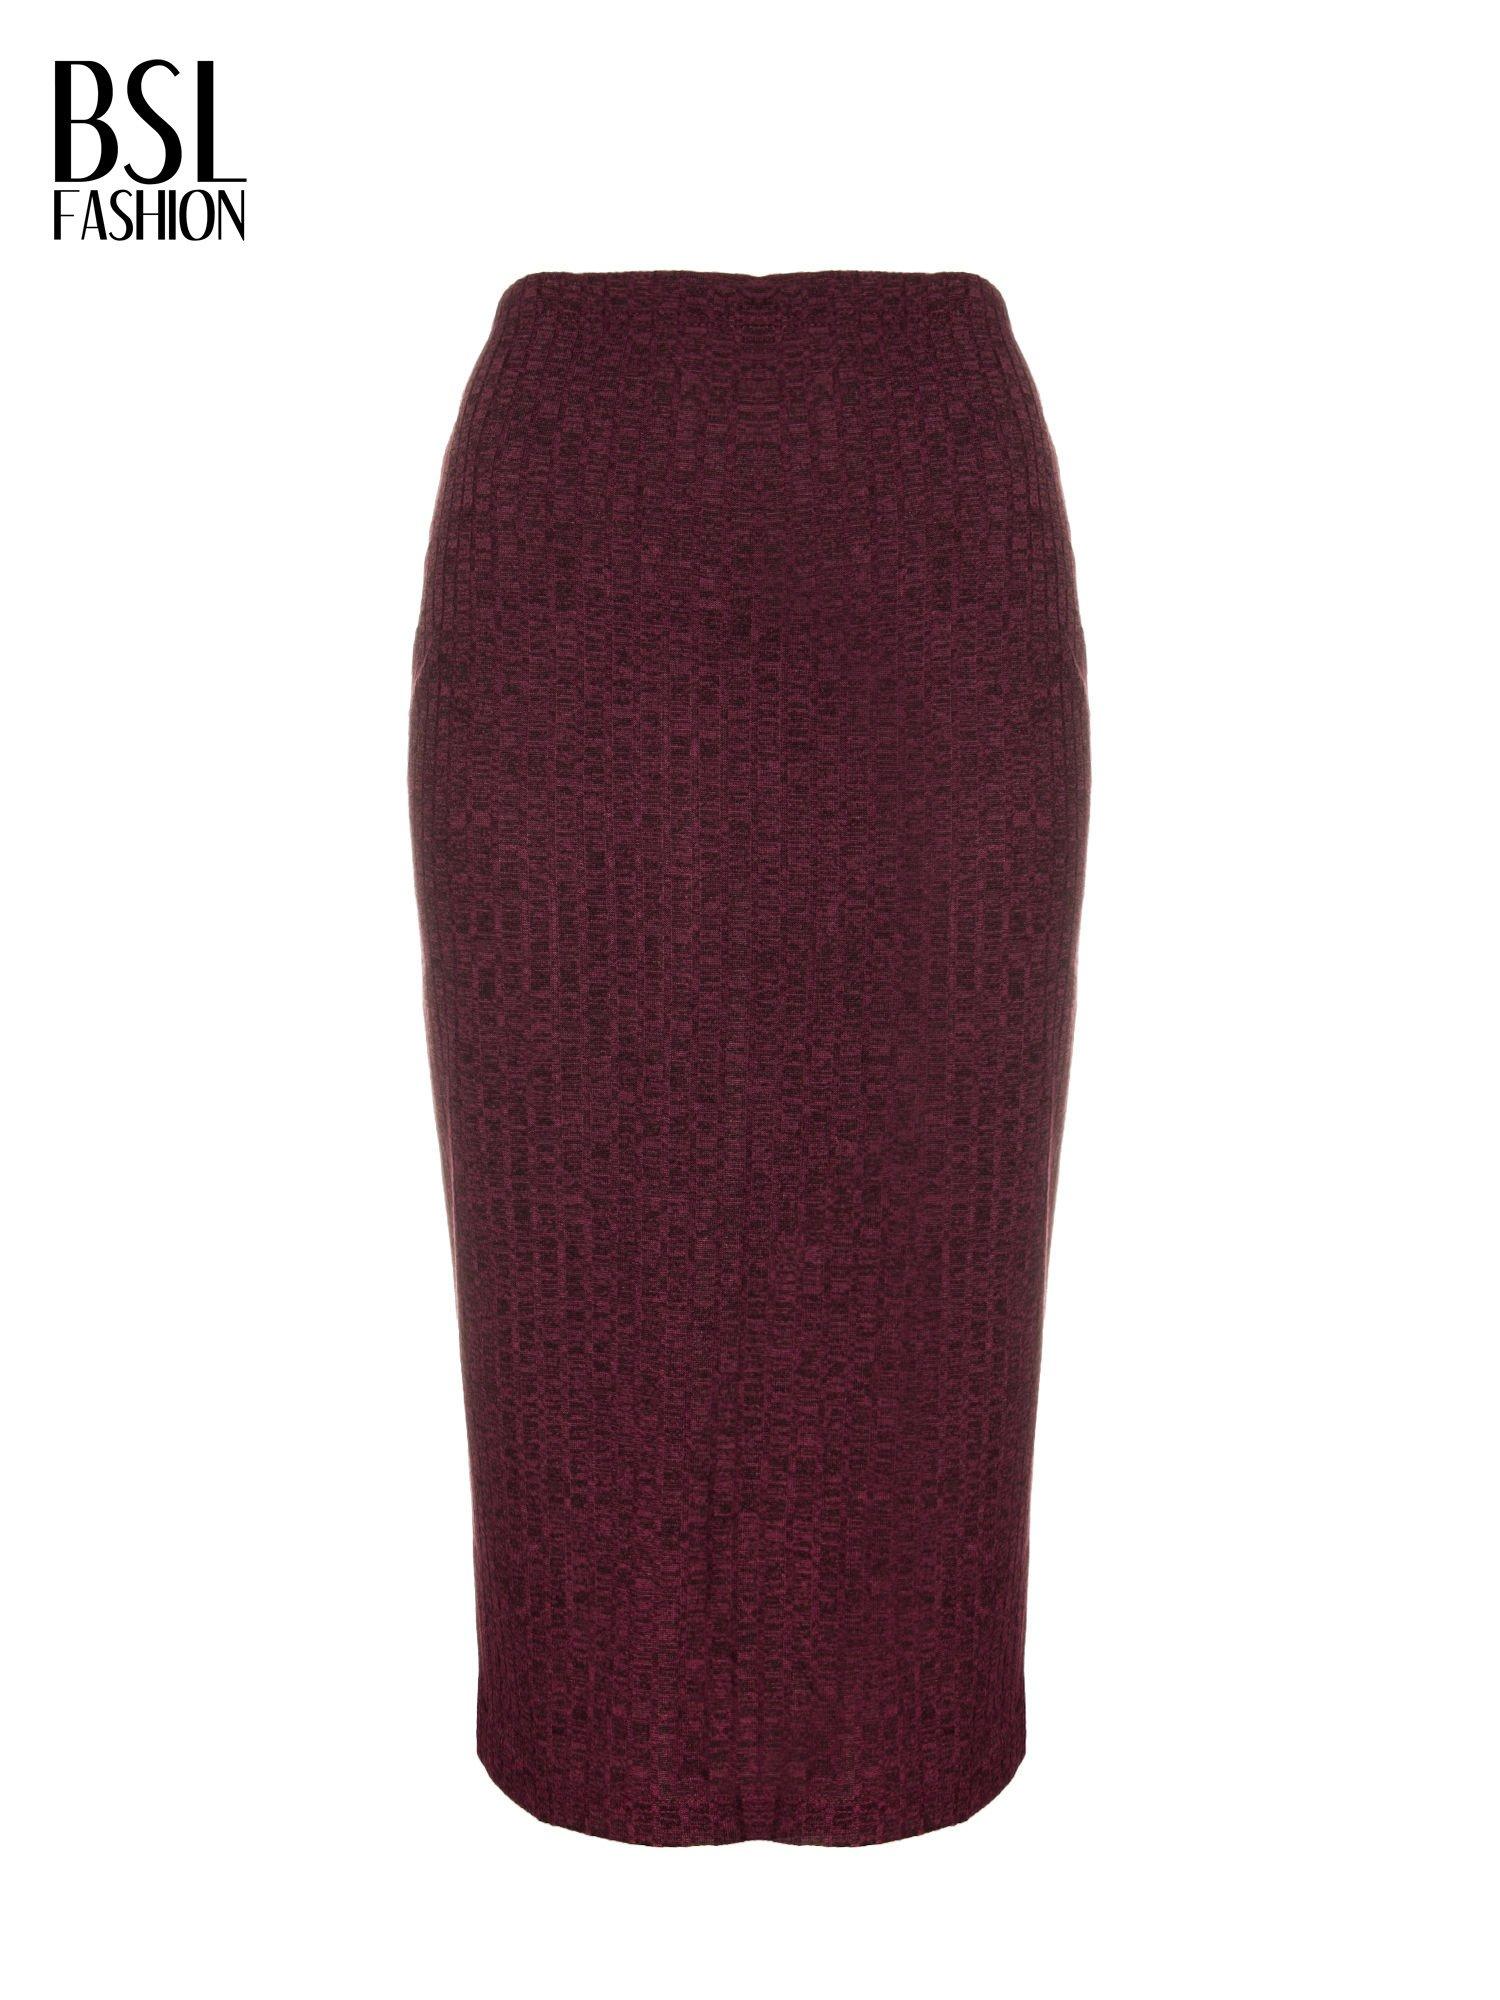 Bordowa dzianinowa spódnica za kolano                                  zdj.                                  5